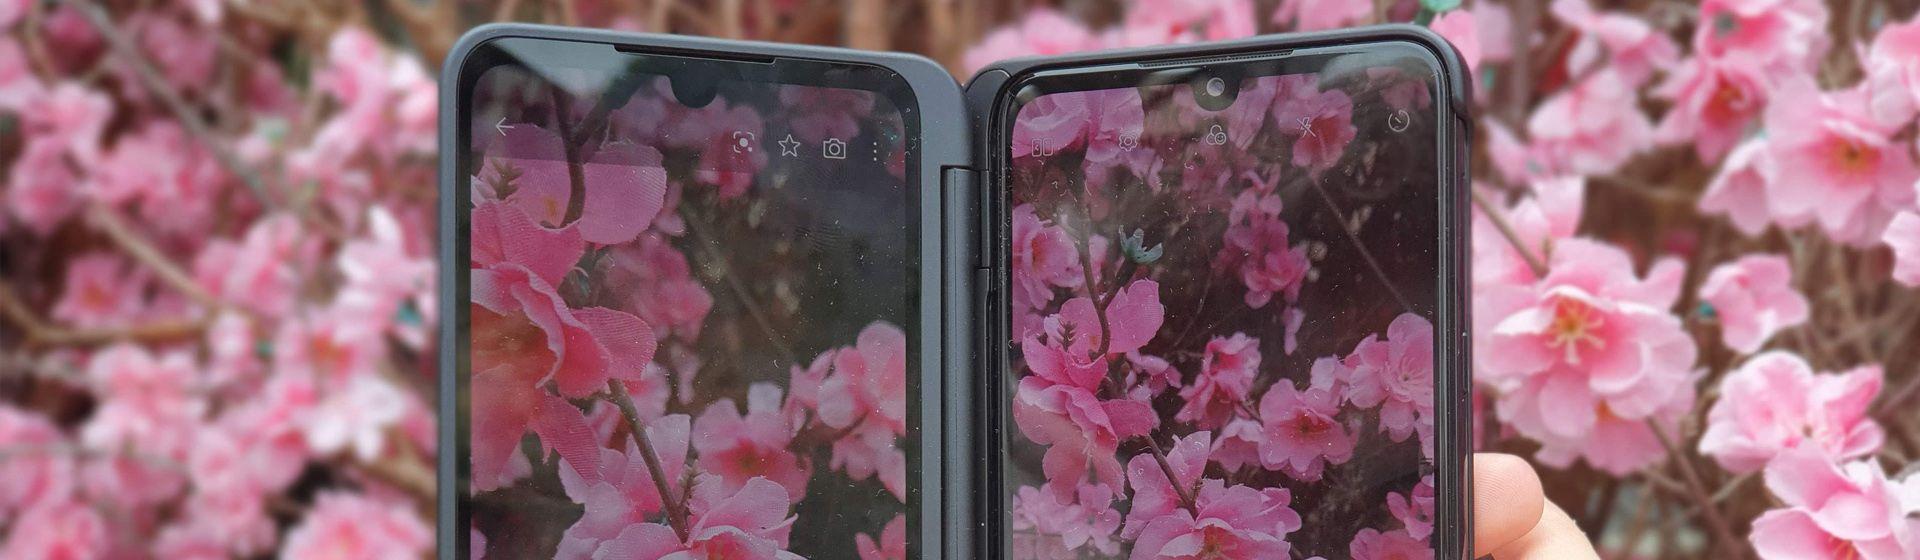 Review LG G8X ThinQ: celular com duas telas tenta inovar, mas escorrega